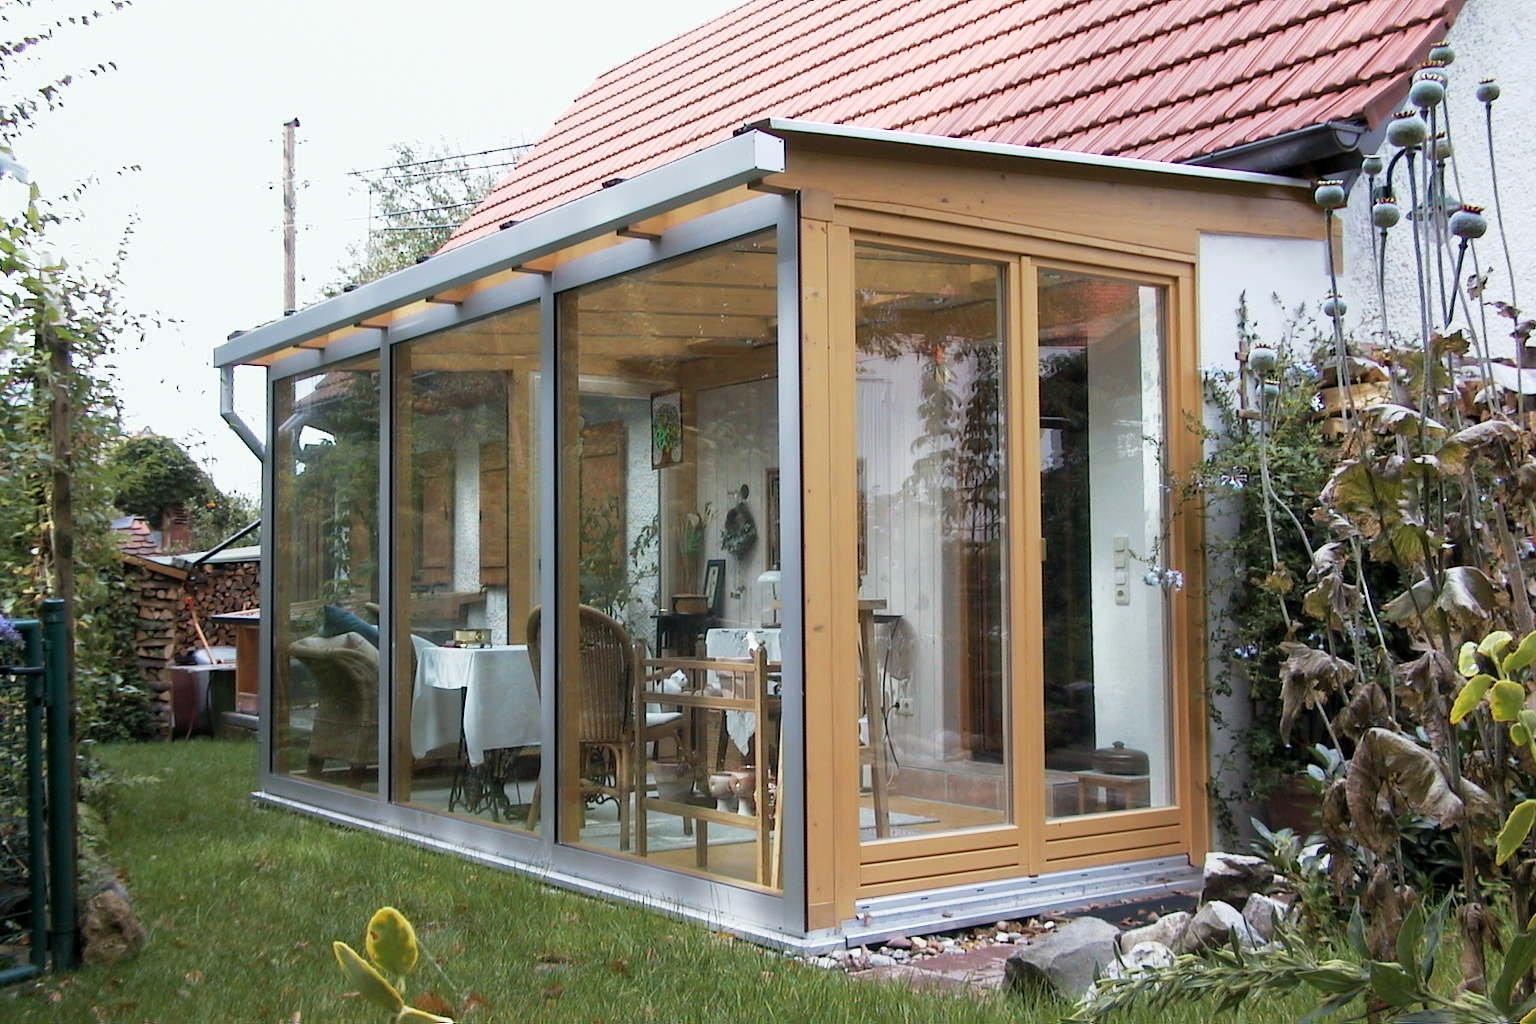 Aanbouw Keuken Serre : Houten serre aanbouwen? Gratis offertes via SerreAanbouw.nl